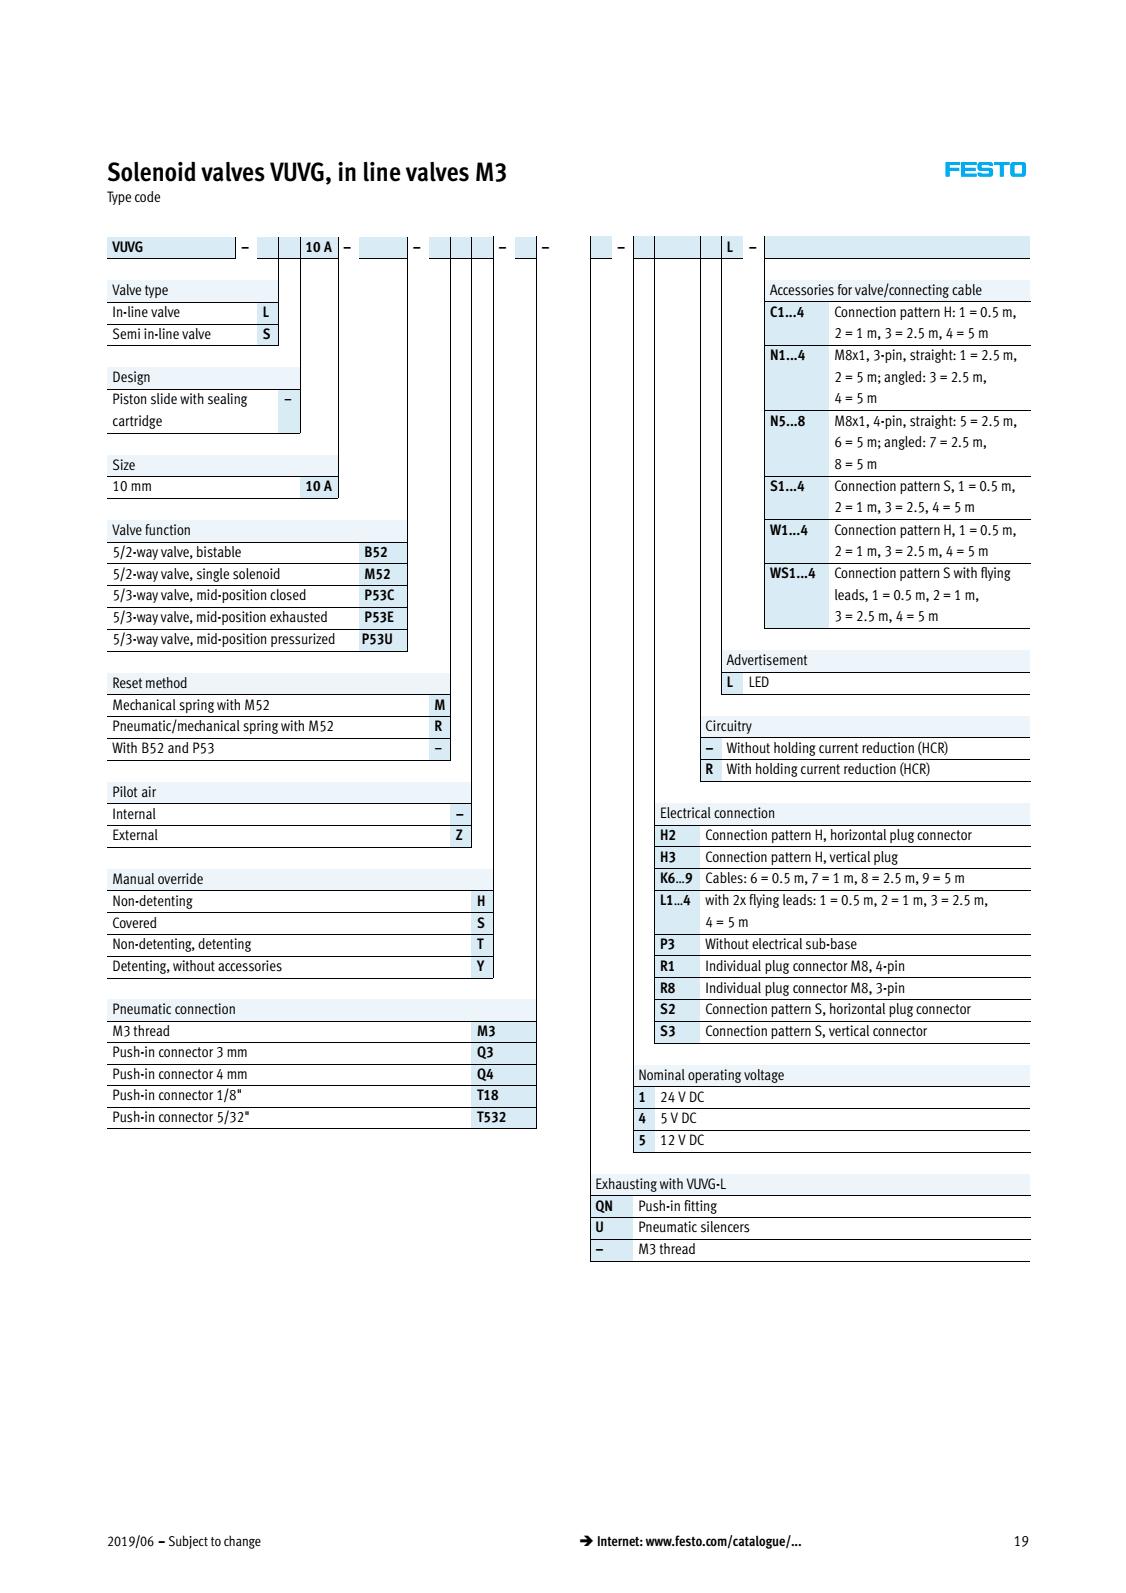 Các cấu hình mã van khí nén Festo VUVG